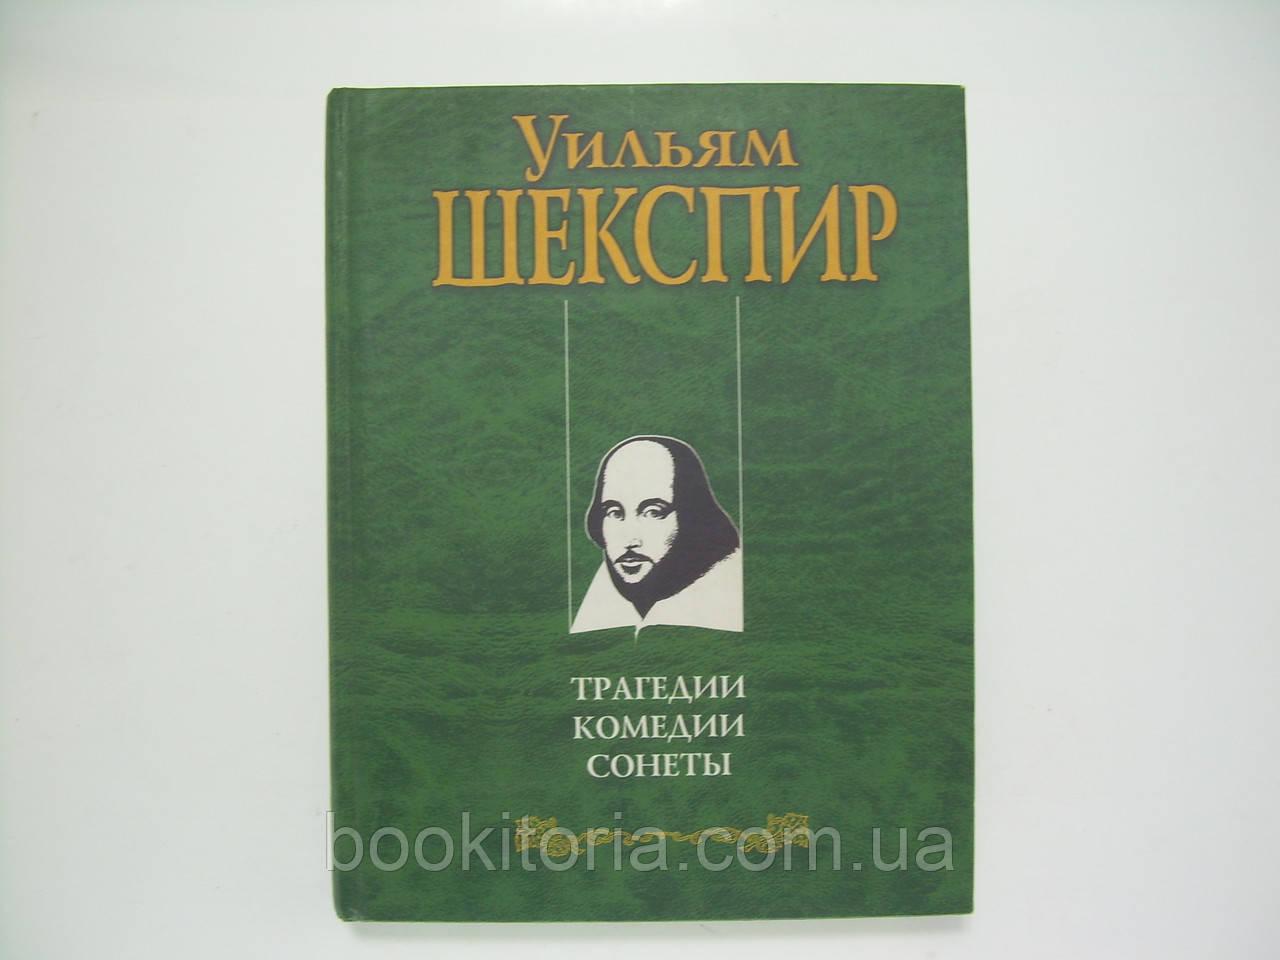 Шекспир У. Трагедии. Комедии. Сонеты (б/у).